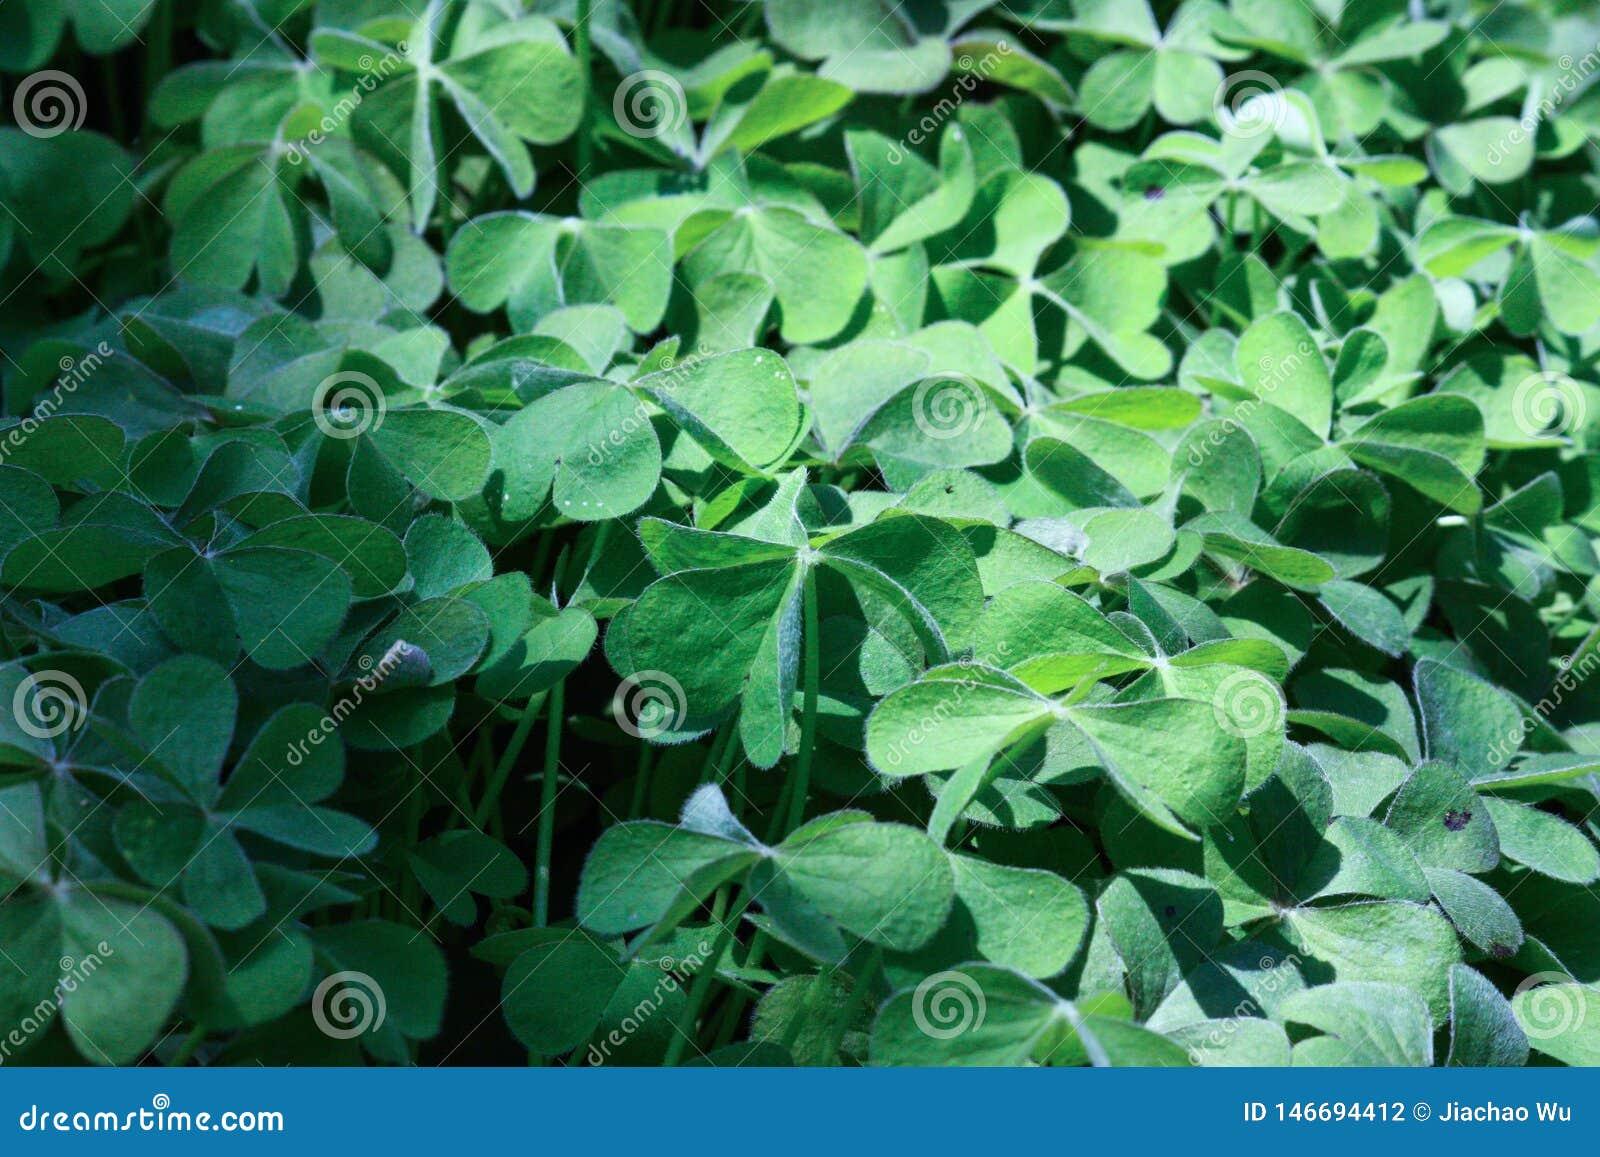 三叶草;新鲜的绿色叶子;心形的刀片